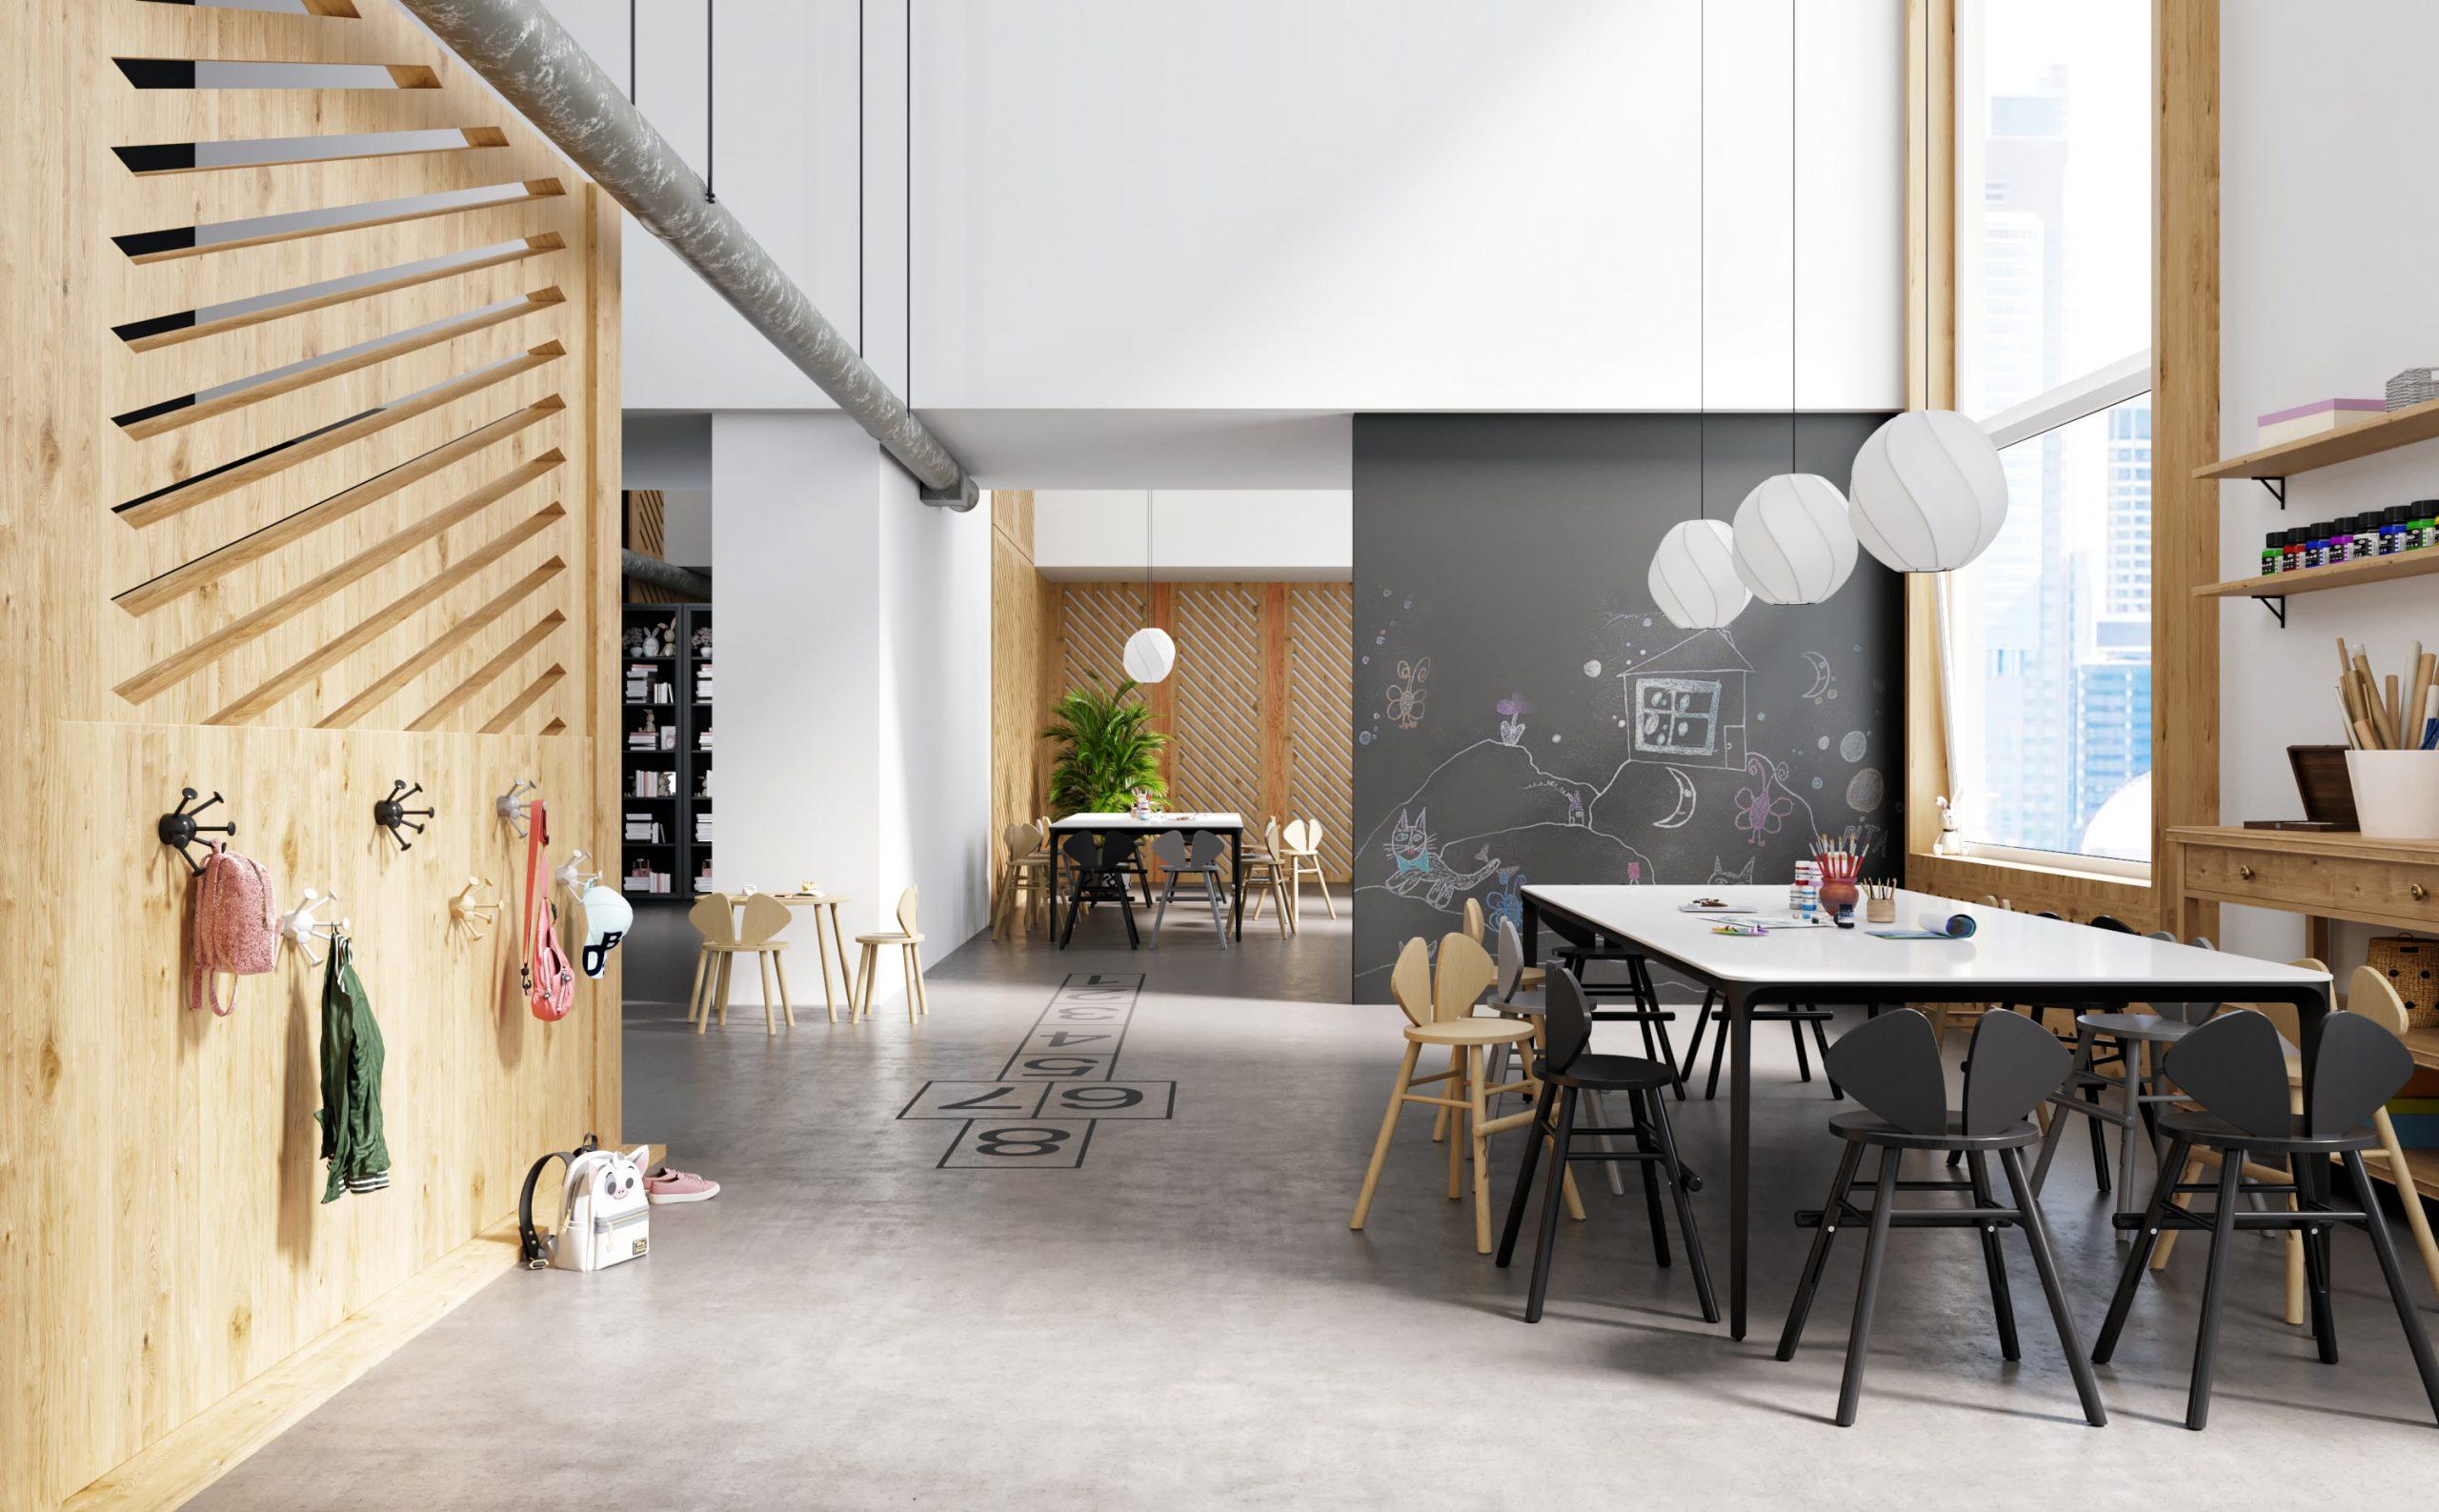 Children's Hotel Furniture, Children's Interior Decor